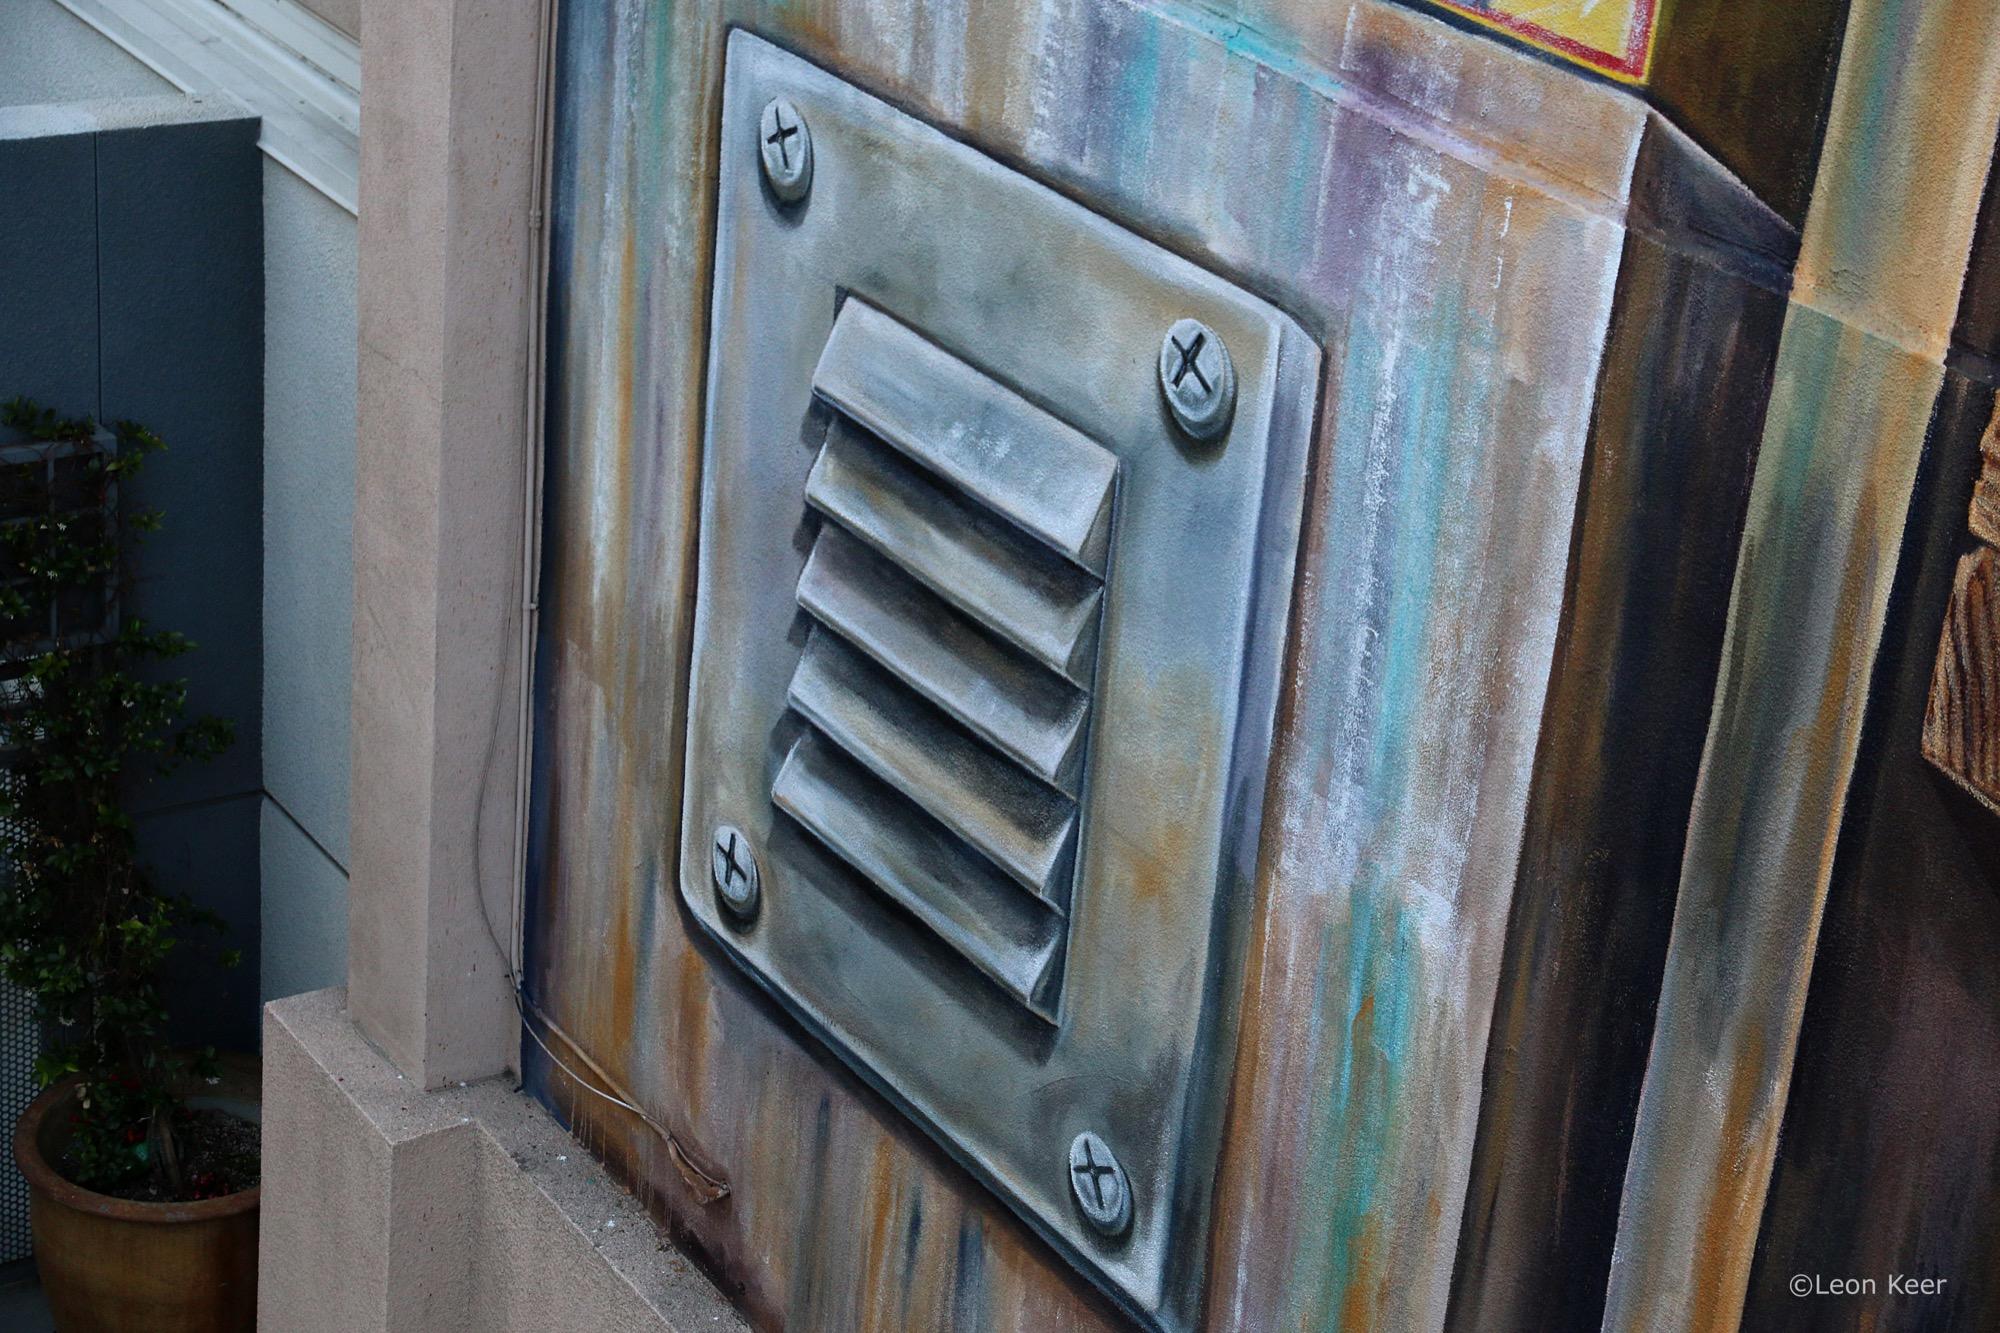 Leon Keer in Long Beach, California Artes & contextos mural longbeach 3d streetart 43291984591 o